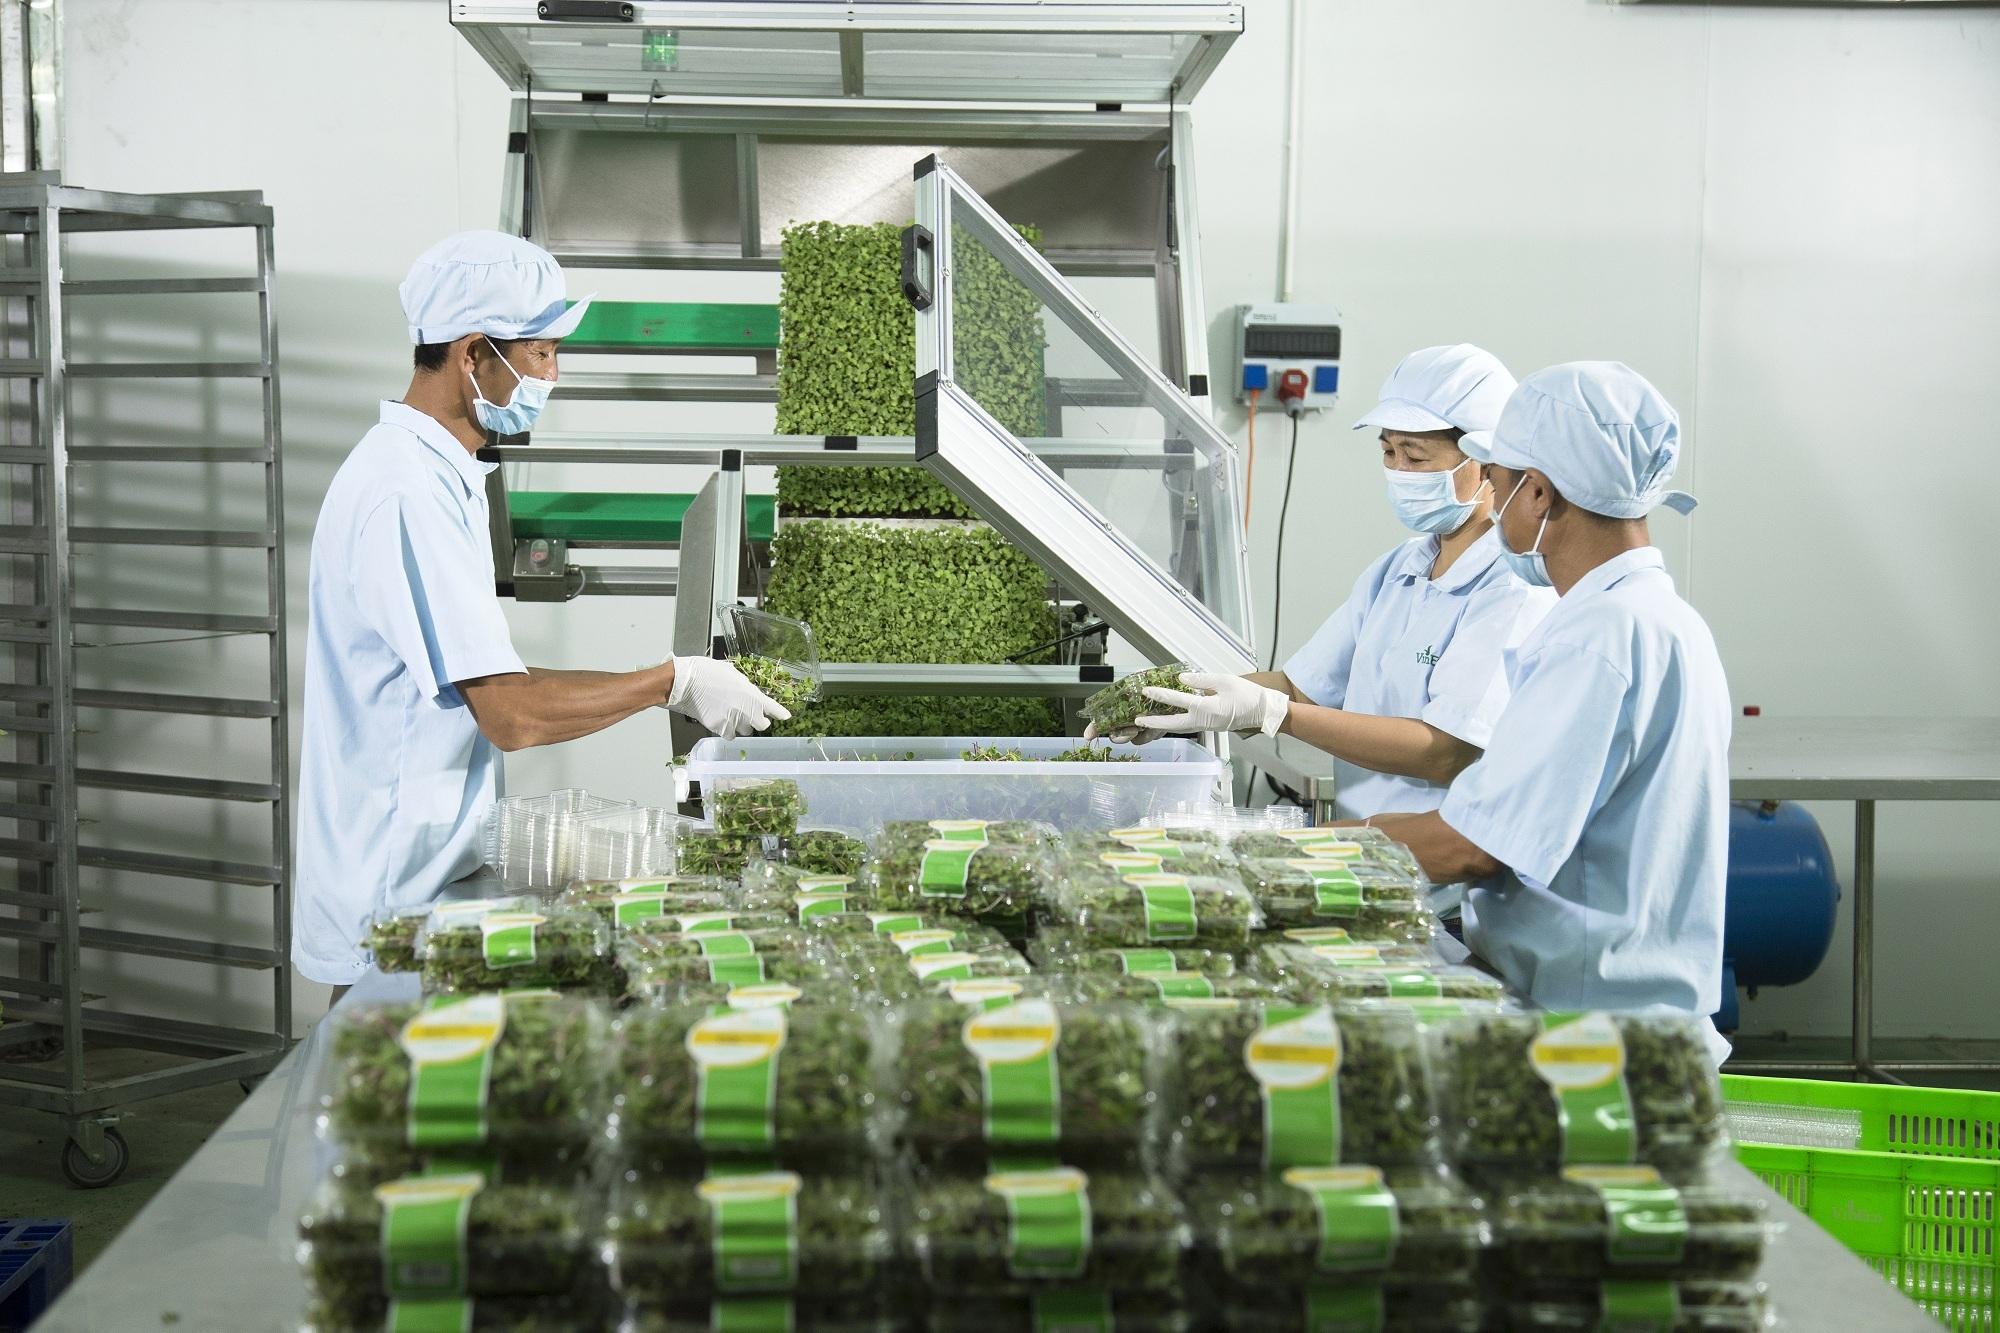 Công ty VinEco cho biết, tất cả các sản phẩm sẽ được phân phối độc quyền trong hệ thống siêu thị Vinmart, Vinmart+ trên toàn miền Bắc.